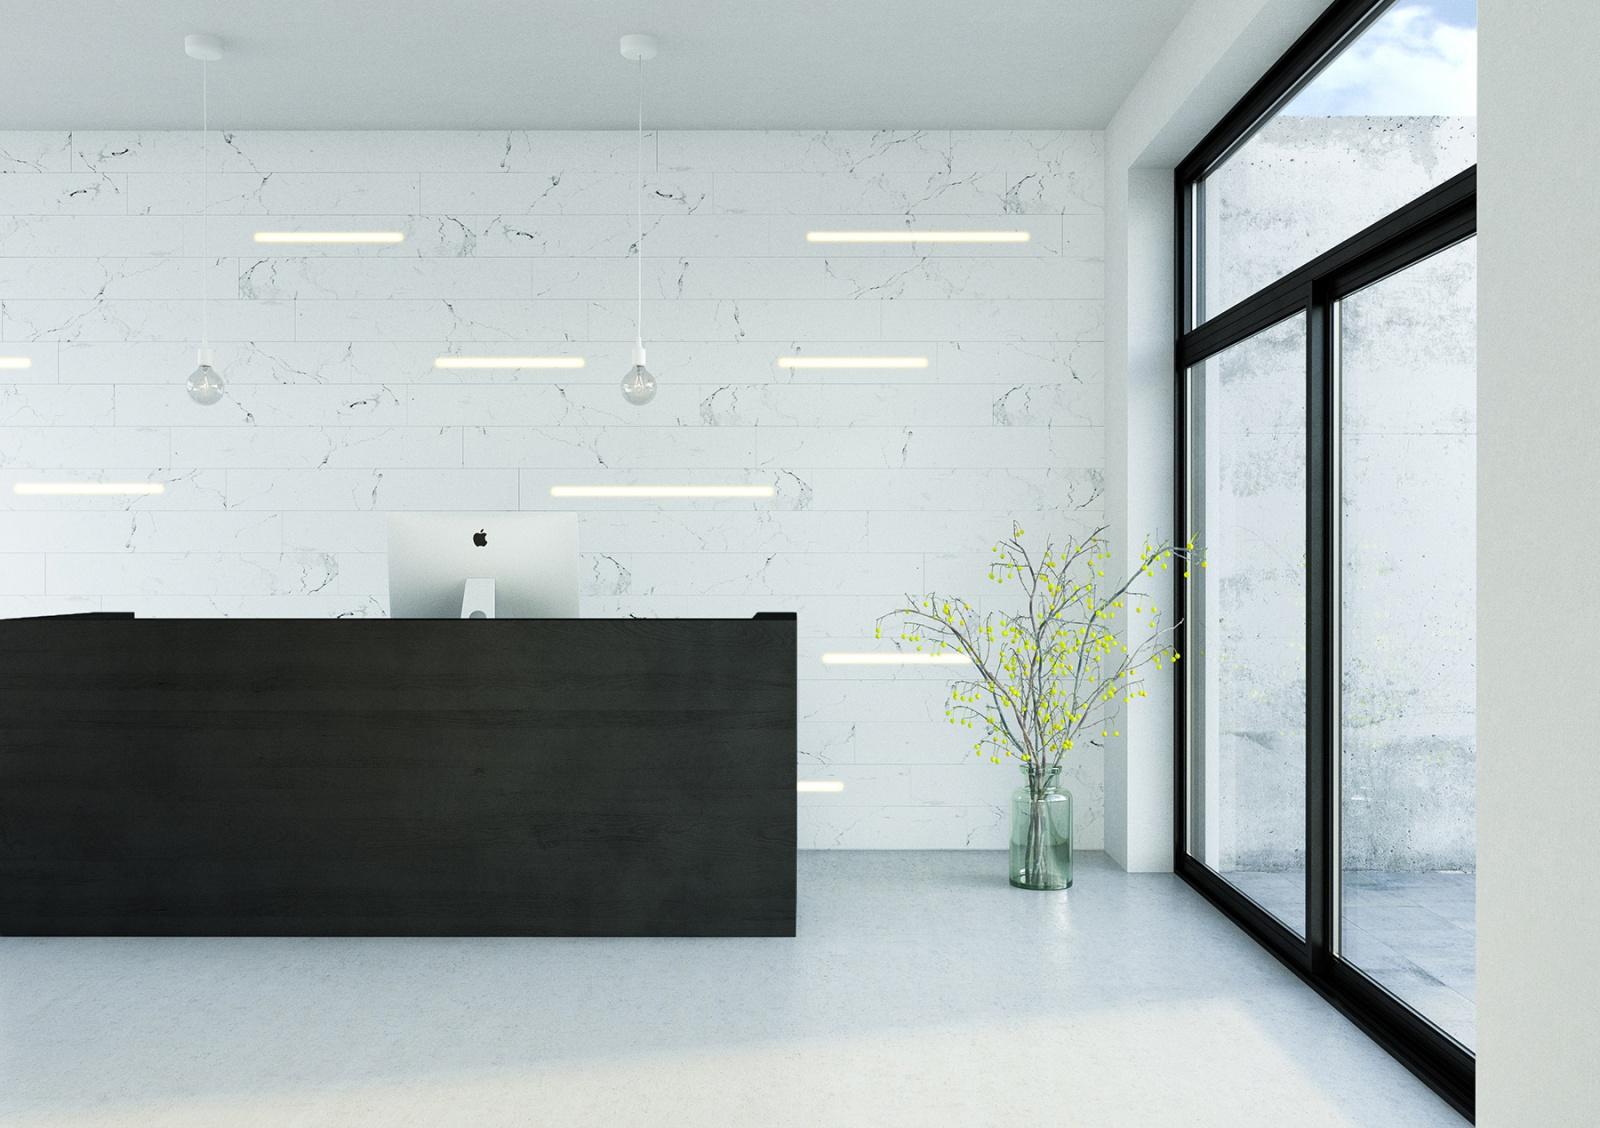 kovr-hyde-led-lighting-panel-for-interior-3